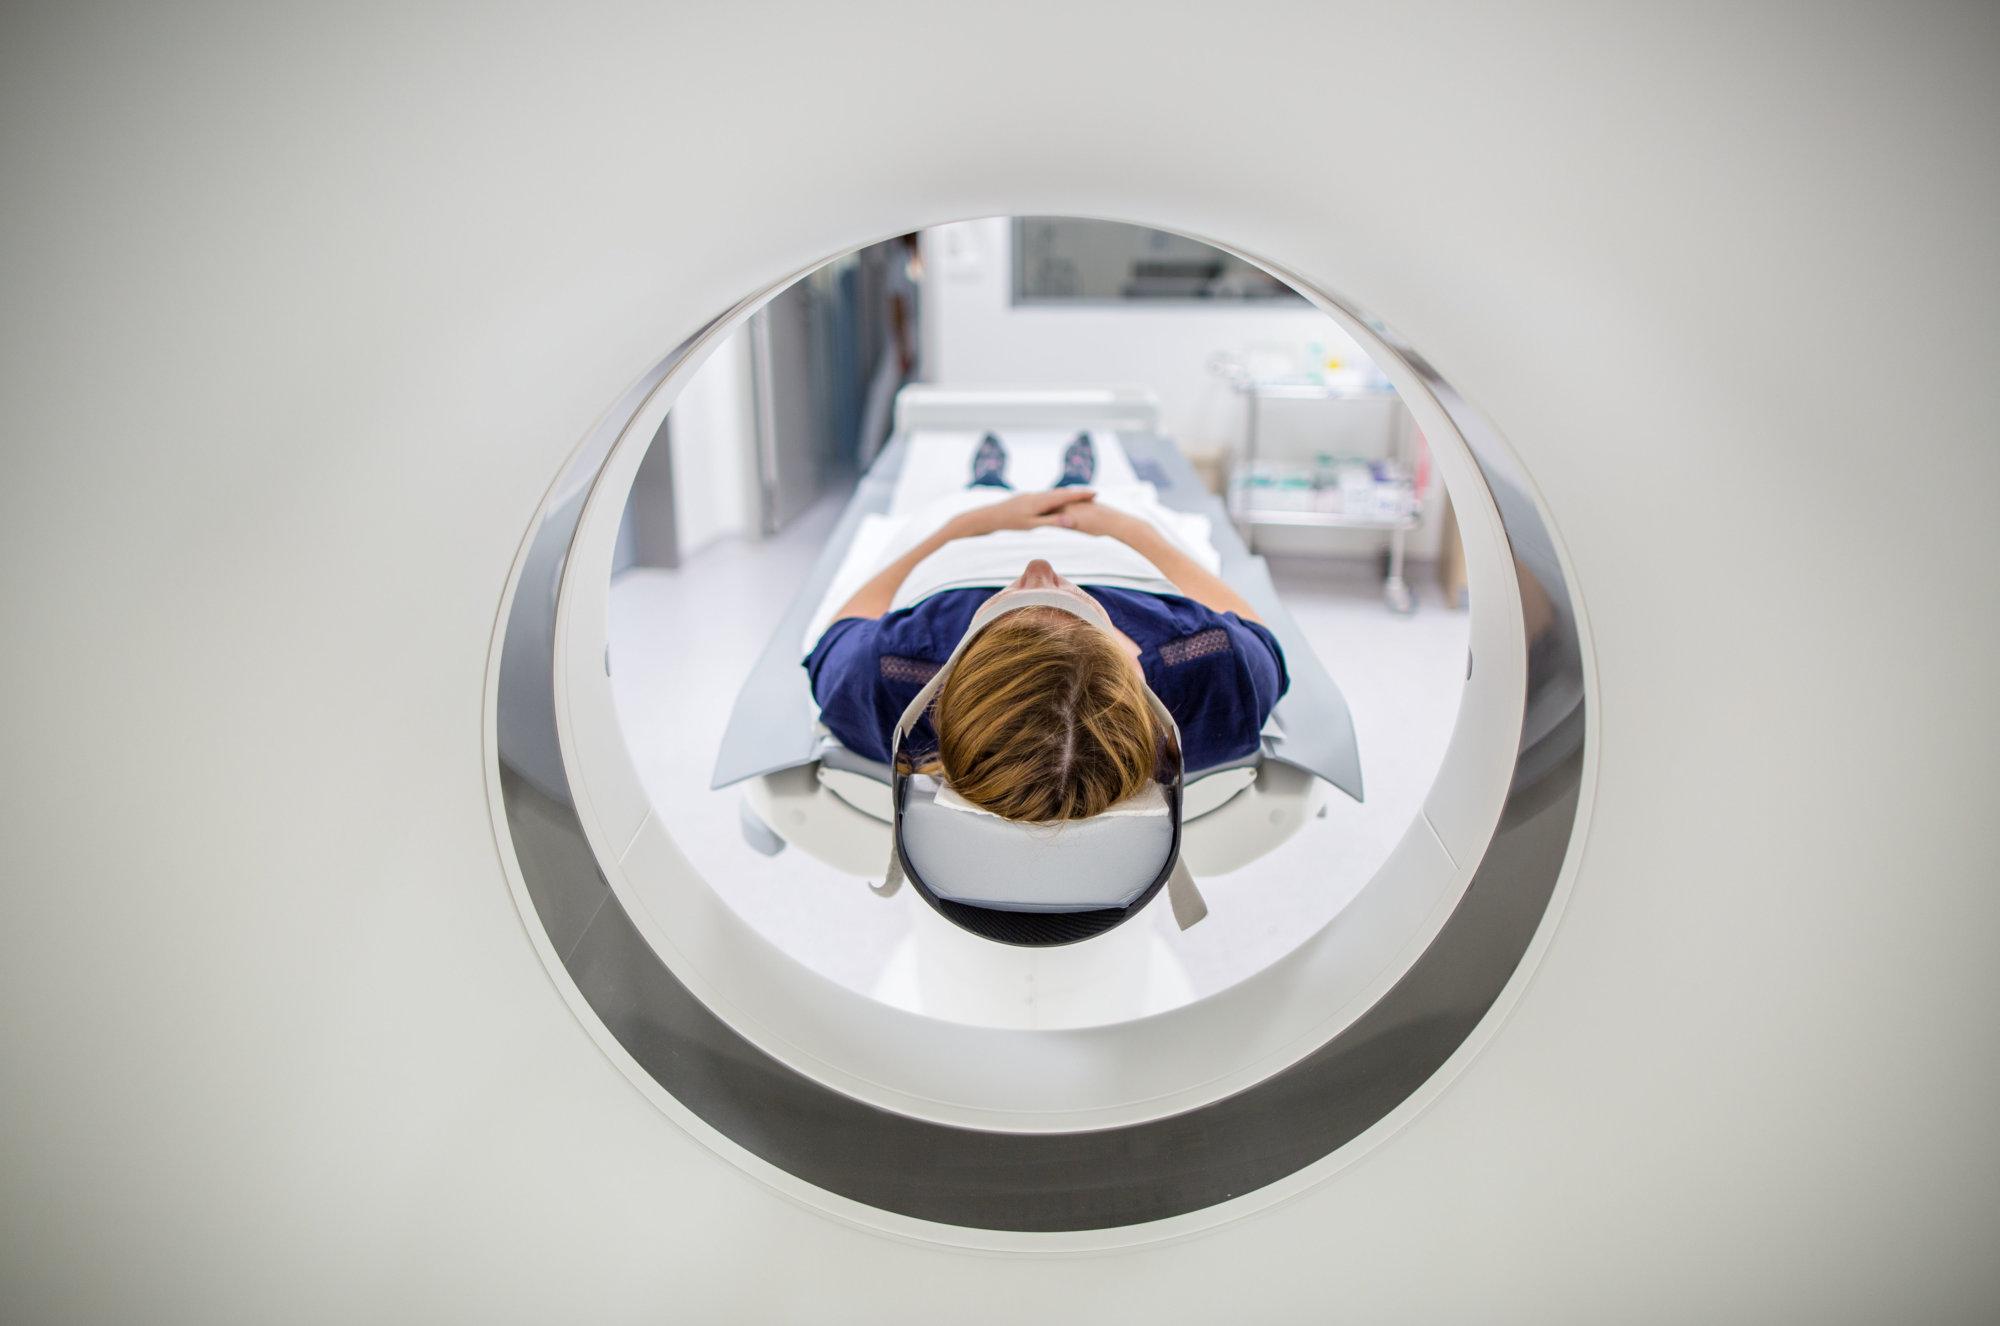 Prokuratúra vysvetľuje, prečo kauza piešťanské CT, pre ktoré padli Paška aj Zvolenská, nebola trestný čin – Denník N